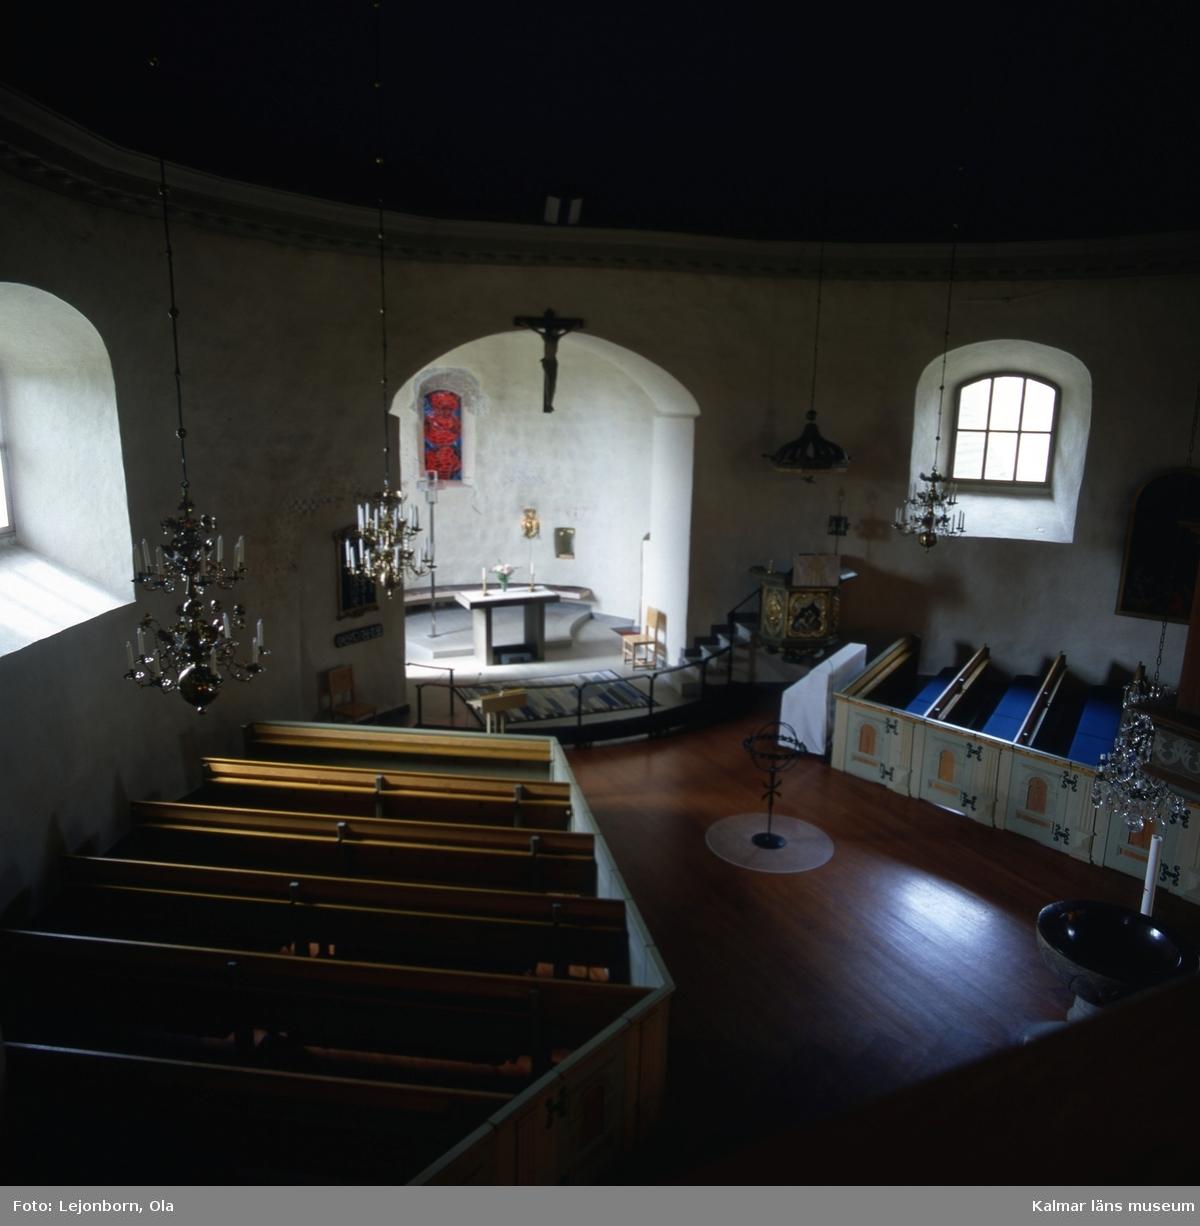 """Hagby kyrka är en kyrkobyggnad i Hagby i Växjö stift. Den har alltsedan medeltiden varit sockenkyrka i Hagby socken. Nu är den församlingskyrka i Arby-Hagby församling.  Hagby kyrka är en av sammanlagt åtta bevarade svenska rundkyrkor. Hagby kyrka är den rundkyrka, vars medeltida exteriör är bland de bäst bevarade i landet; även absiden och de höga murarna för ovanvåningen finns kvar. Den kan dock, när det gäller absiden, jämföras med Skörstorps kyrka utanför Falköping. På korväggen och under orgelläktaren finns fragment av medeltida kalkmålningar; från medeltiden finns också en dopfunt och ett triumfkrucifix. Vid den senaste renoveringen har man försökt betona byggnadens gamla, slutna karaktär, varmed den framstår som ett av de främsta exemplen bland bevarade rundkyrkor, vars arkitektur annars är mest känd från Bornholm.  Föregångare till Hagby stenkyrka anses ibland Sankt Sigfrids träkapell ha varit, vilken låg ett par kilometer söder om den nuvarande. Kapellet saknar emellertid datering och att det ska ses som en direkt föregångare till kyrkan är mindre sannolikt. Stenkyrkan uppfördes under 1200-talet. Traditionellt anses kyrkan ha blivit uppförd som både helgedom och försvarsanläggning, således en så kallad försvarskyrka. I murarnas överdel finns därför sjutton muröppningar som tolkats ha varit skott- och kastgluggar. Försvarsfunktionens framträdande roll har dock blivit ifrågasatt i nyare forskning. Möjligen kan ovanvåningen ha fungerat som en väl upplyst """"paradvåning"""" om nu sådana förekom i klerikala byggnader. Under seklernas lopp har kyrkan haft olika gestaltningar. Ursprungligen tycks där ha funnits ett centraltorn och mellan detta och ytterväggarna har det funnits två eller tre olika våningsplan. Detta torn revs förmodligen under 1660-talet.  Under 1760-talet tillkom en ny altaruppsättning, av vilken det återstår en altartavla och vissa figurer. År 1923 togs en ny altartavla i bruk. Nuvarande tunnvalv av trä torde ha tillkommit under 1830-talet, samt är tä"""